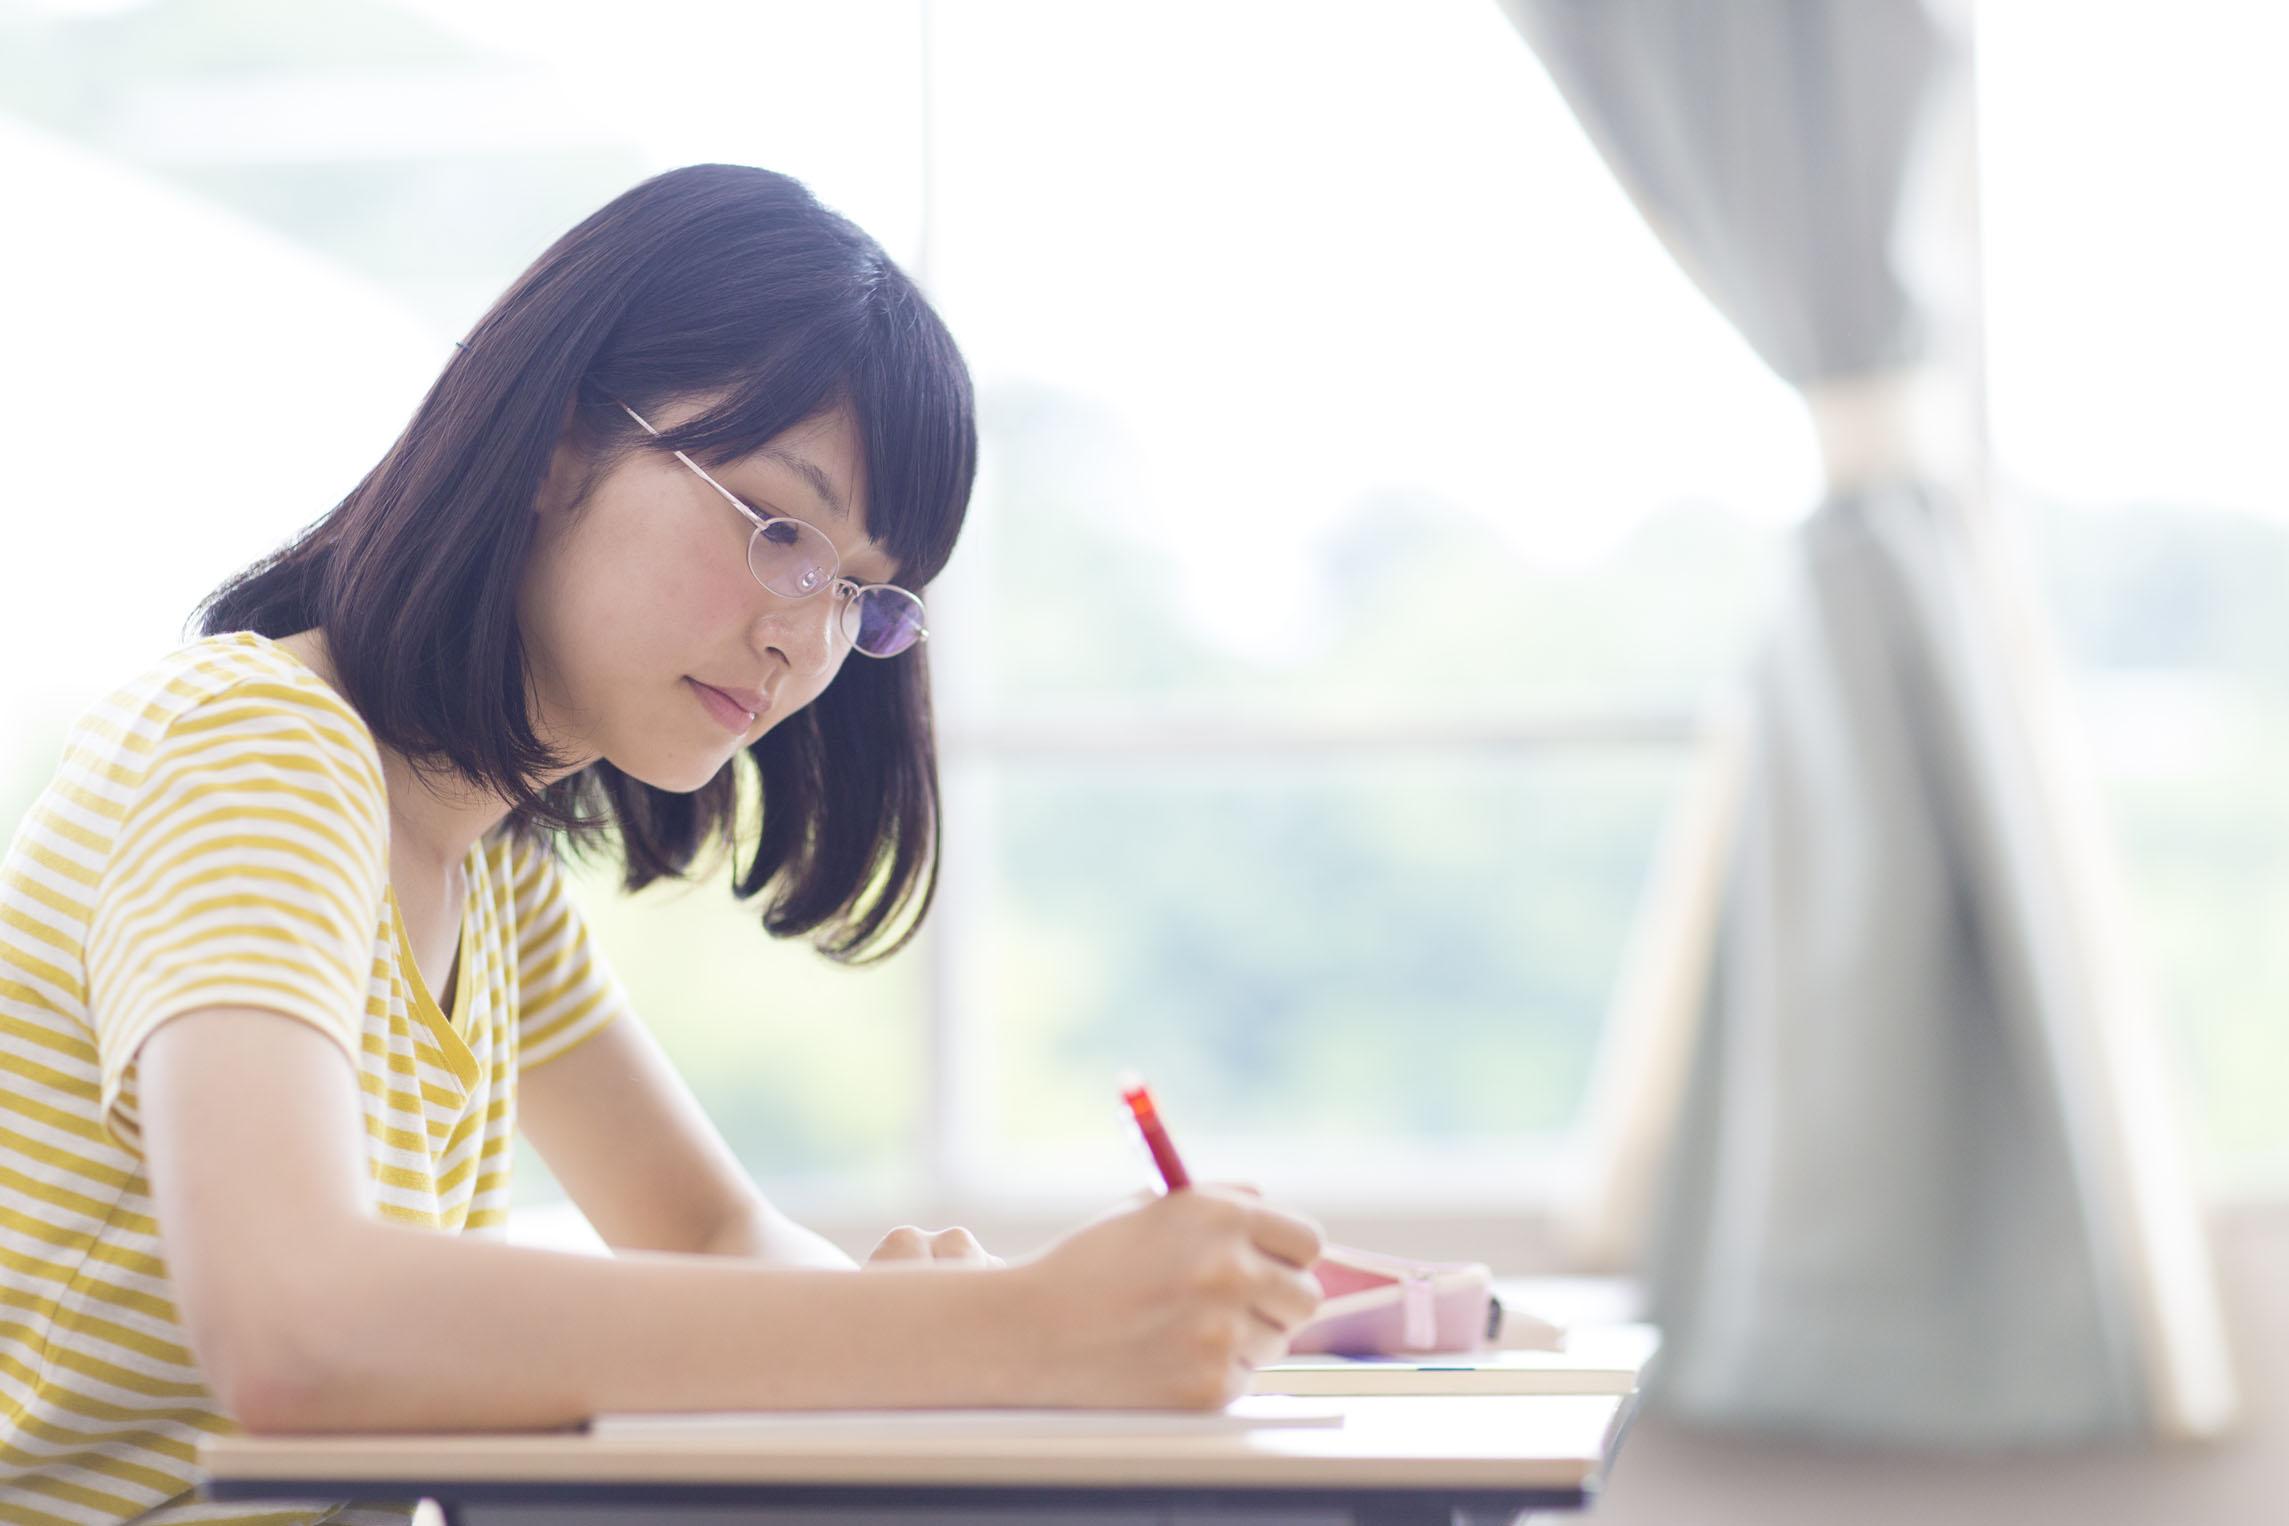 沪江英语入门年度精选好课TOP10